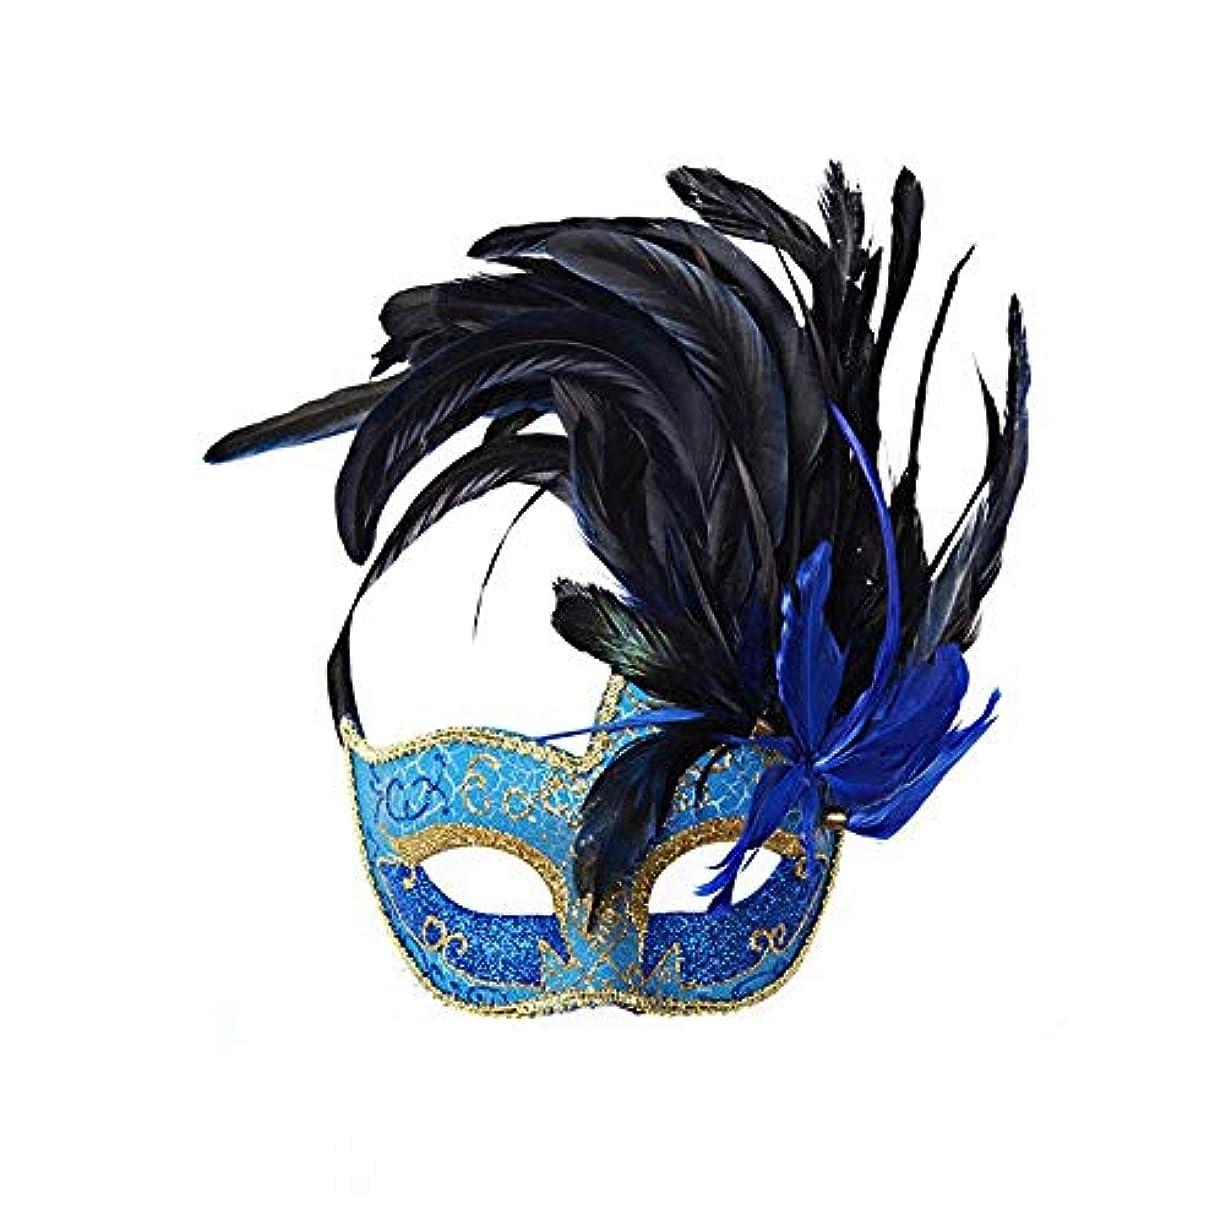 失効遺棄されたウルルNanle ハロウィンマスクハーフフェザーマスクベニスプリンセスマスク美容レース仮面ライダーコスプレ (色 : Style A blue)